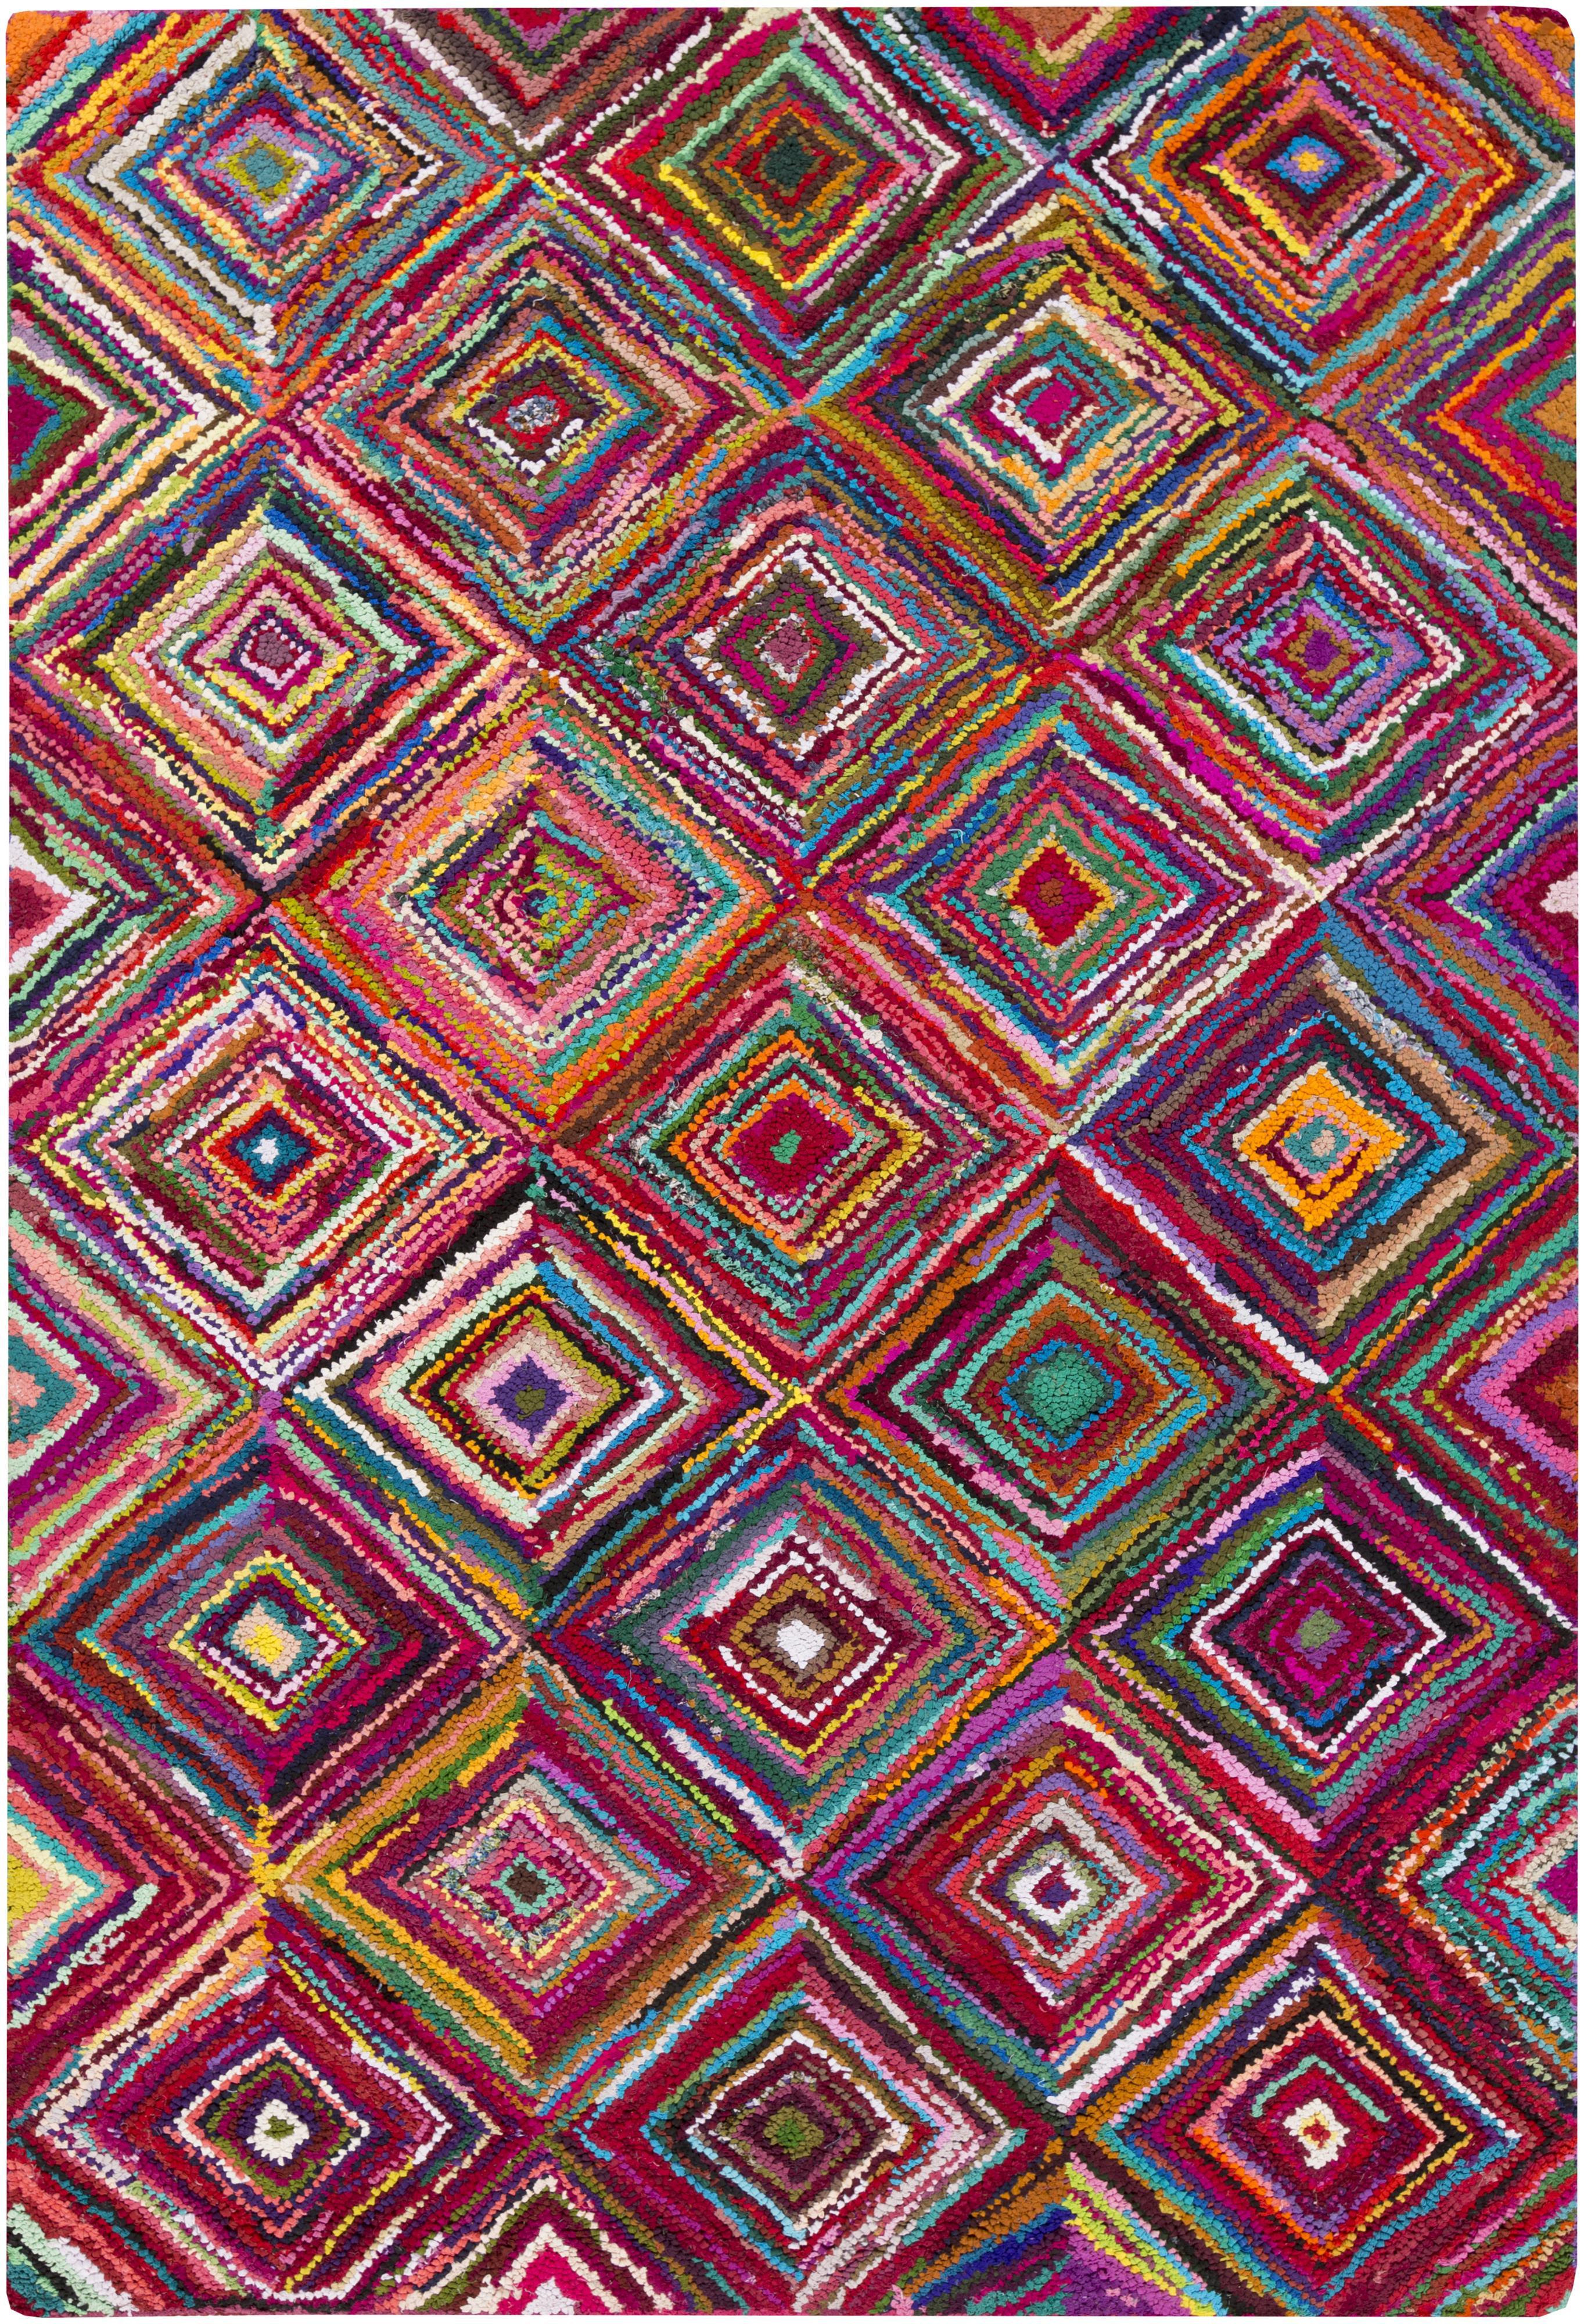 Surya Boho 8' x 11' - Item Number: BOH2002-811